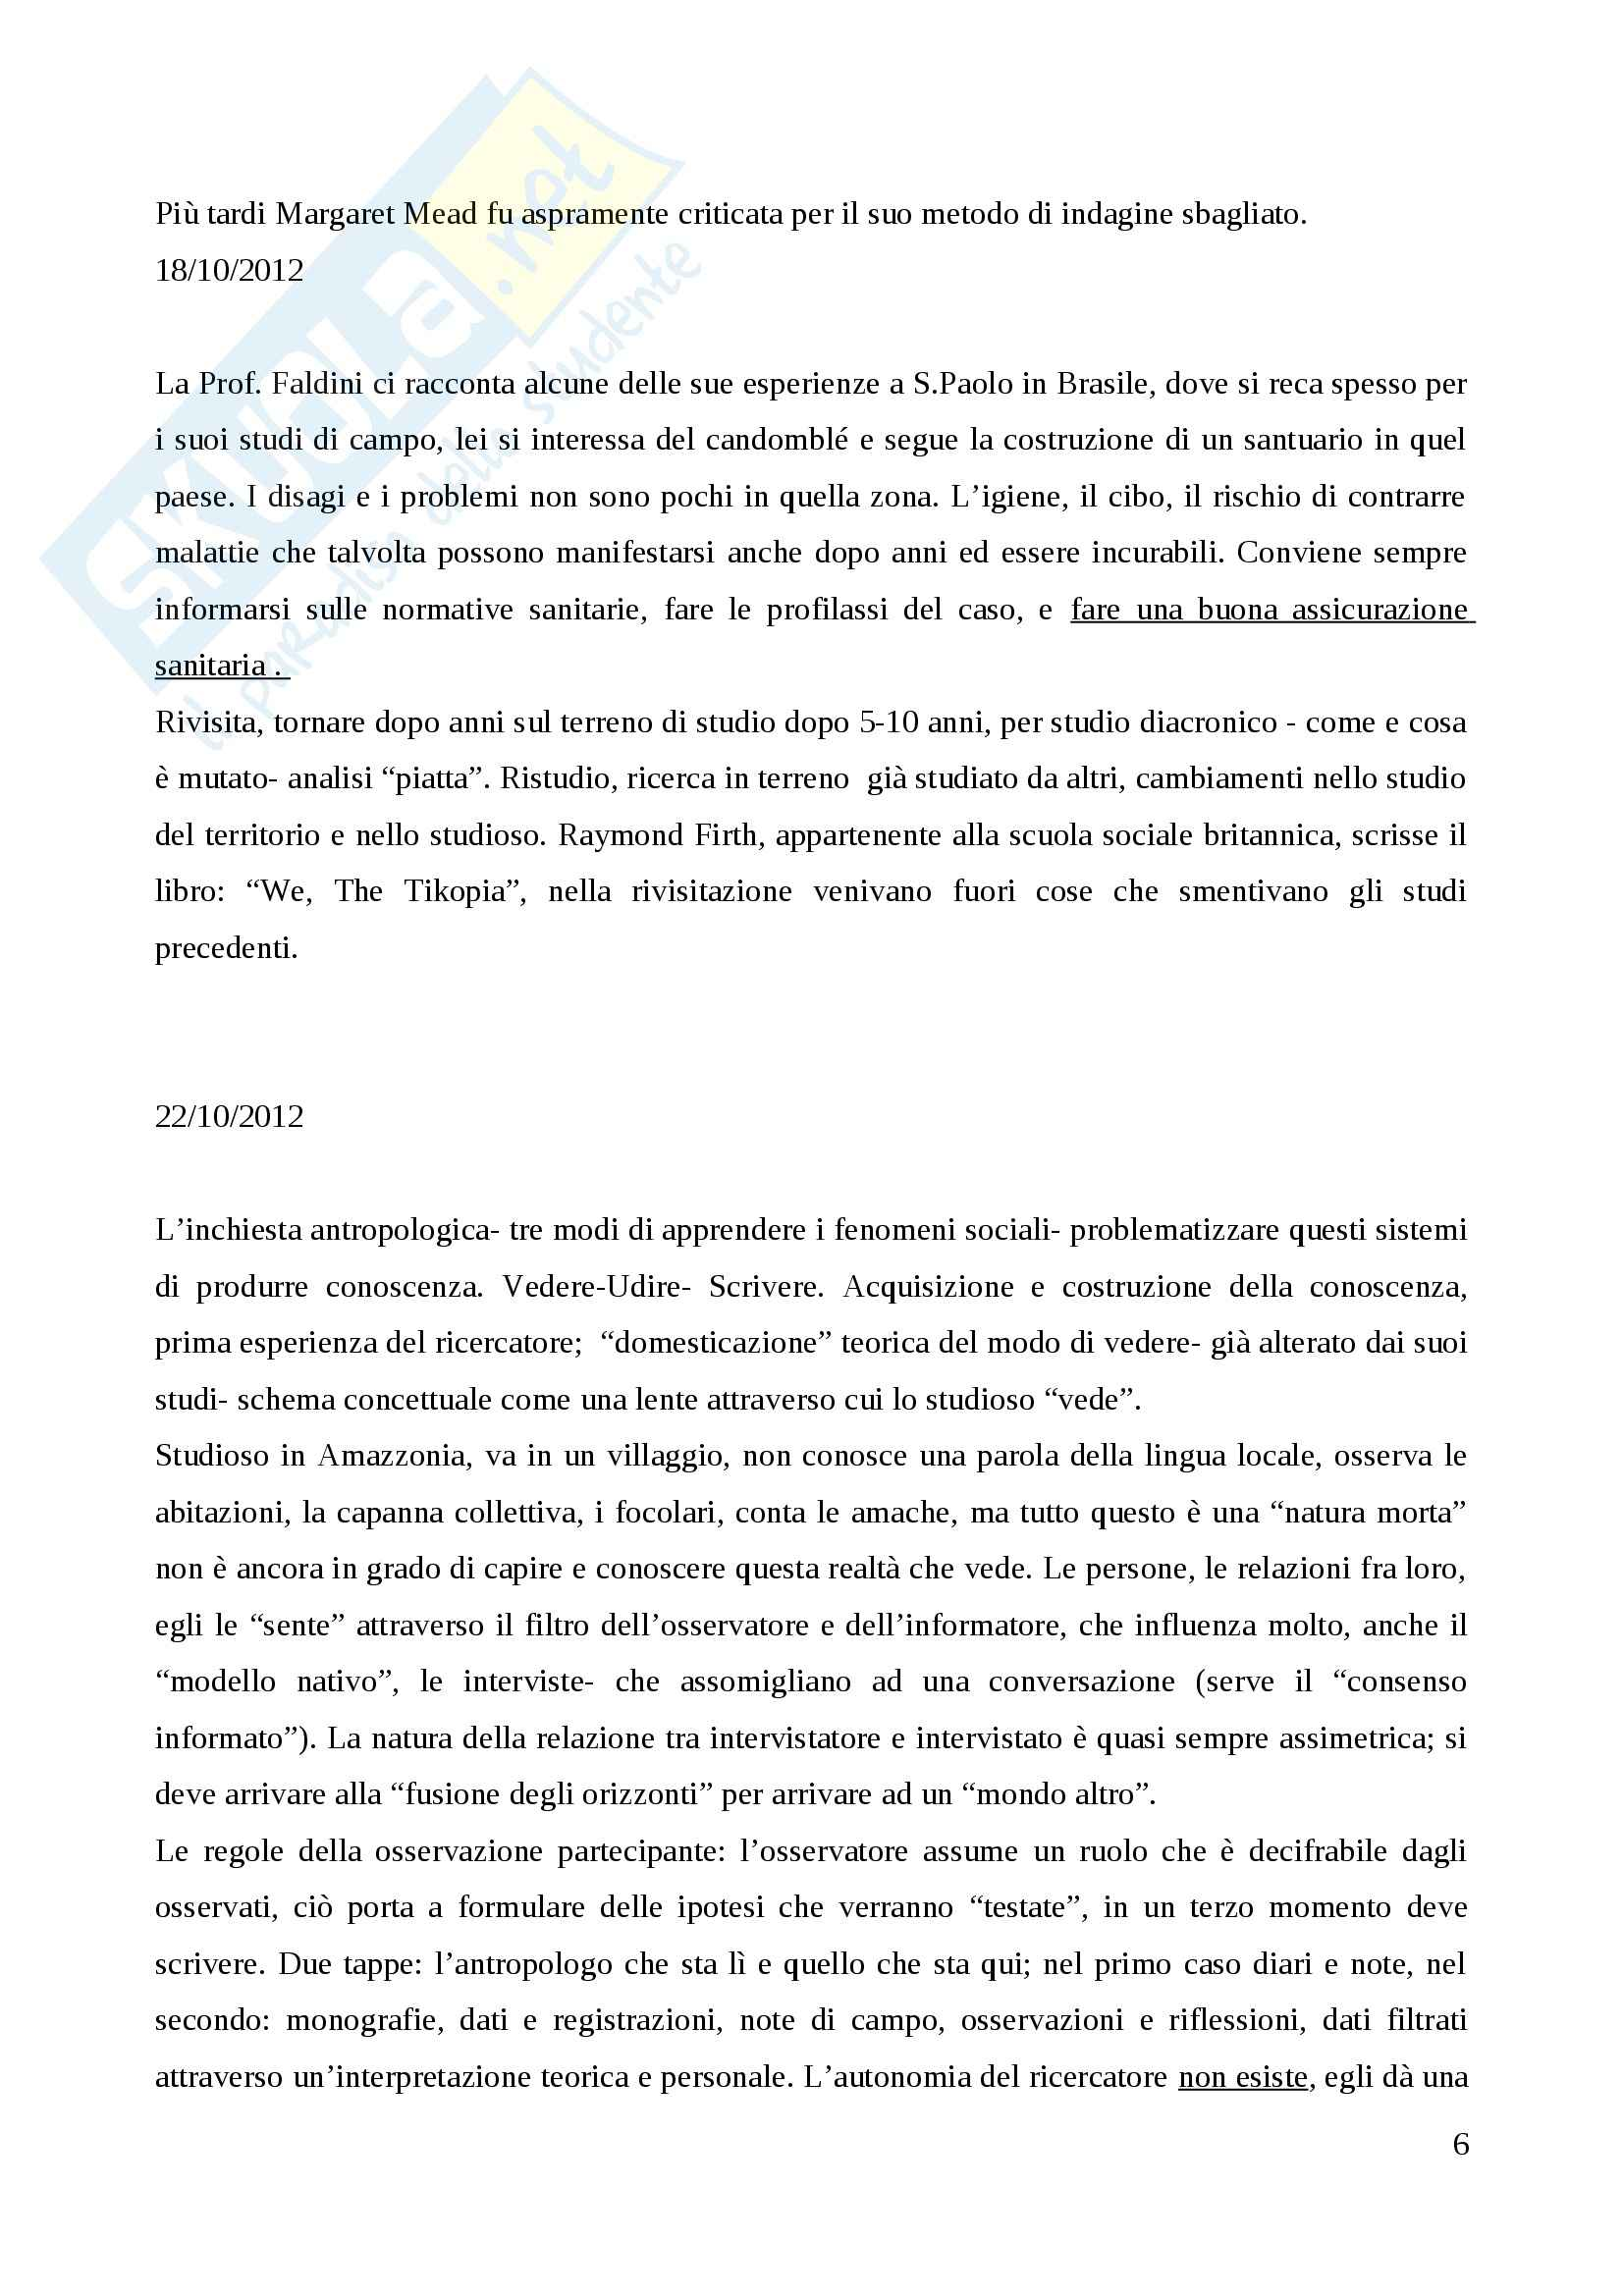 Metodologia della ricerca antropologica - Appunti Pag. 6